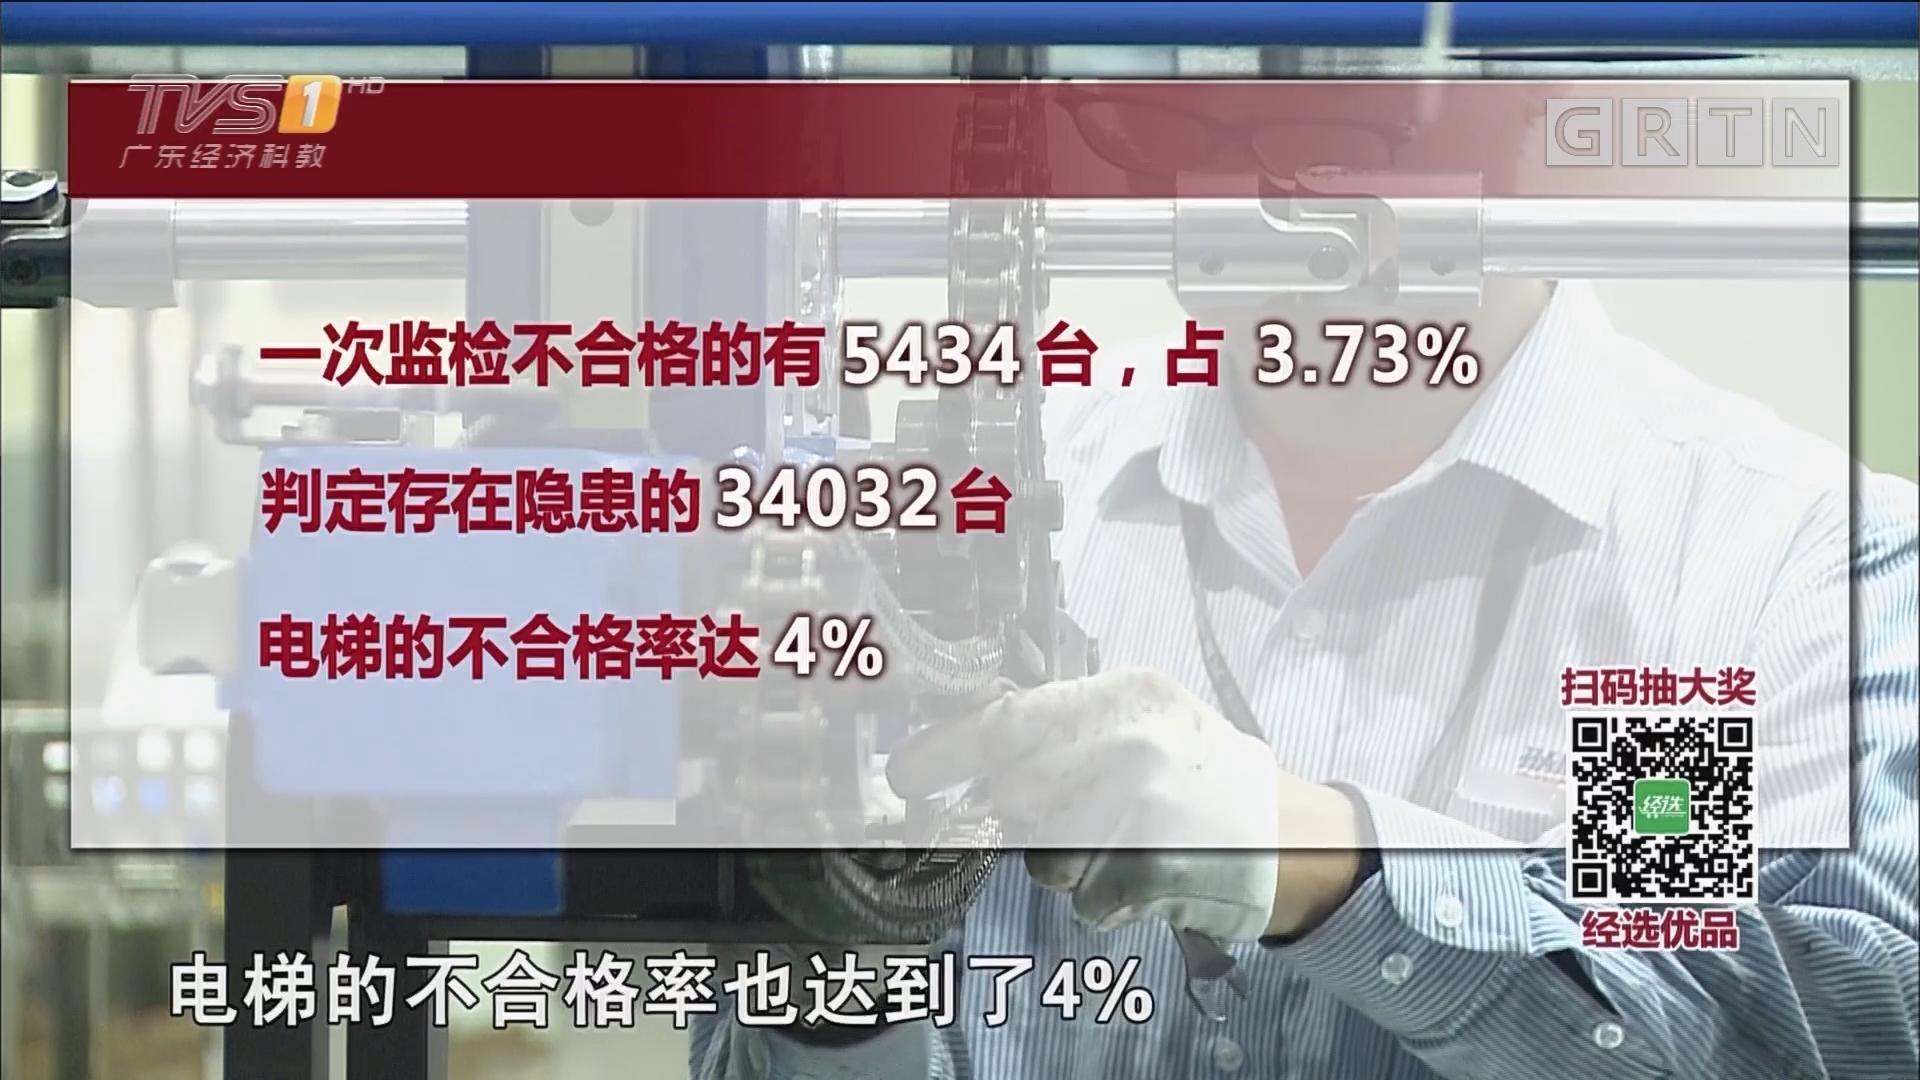 广东省质监局发布广东特种设备检验状况白皮书